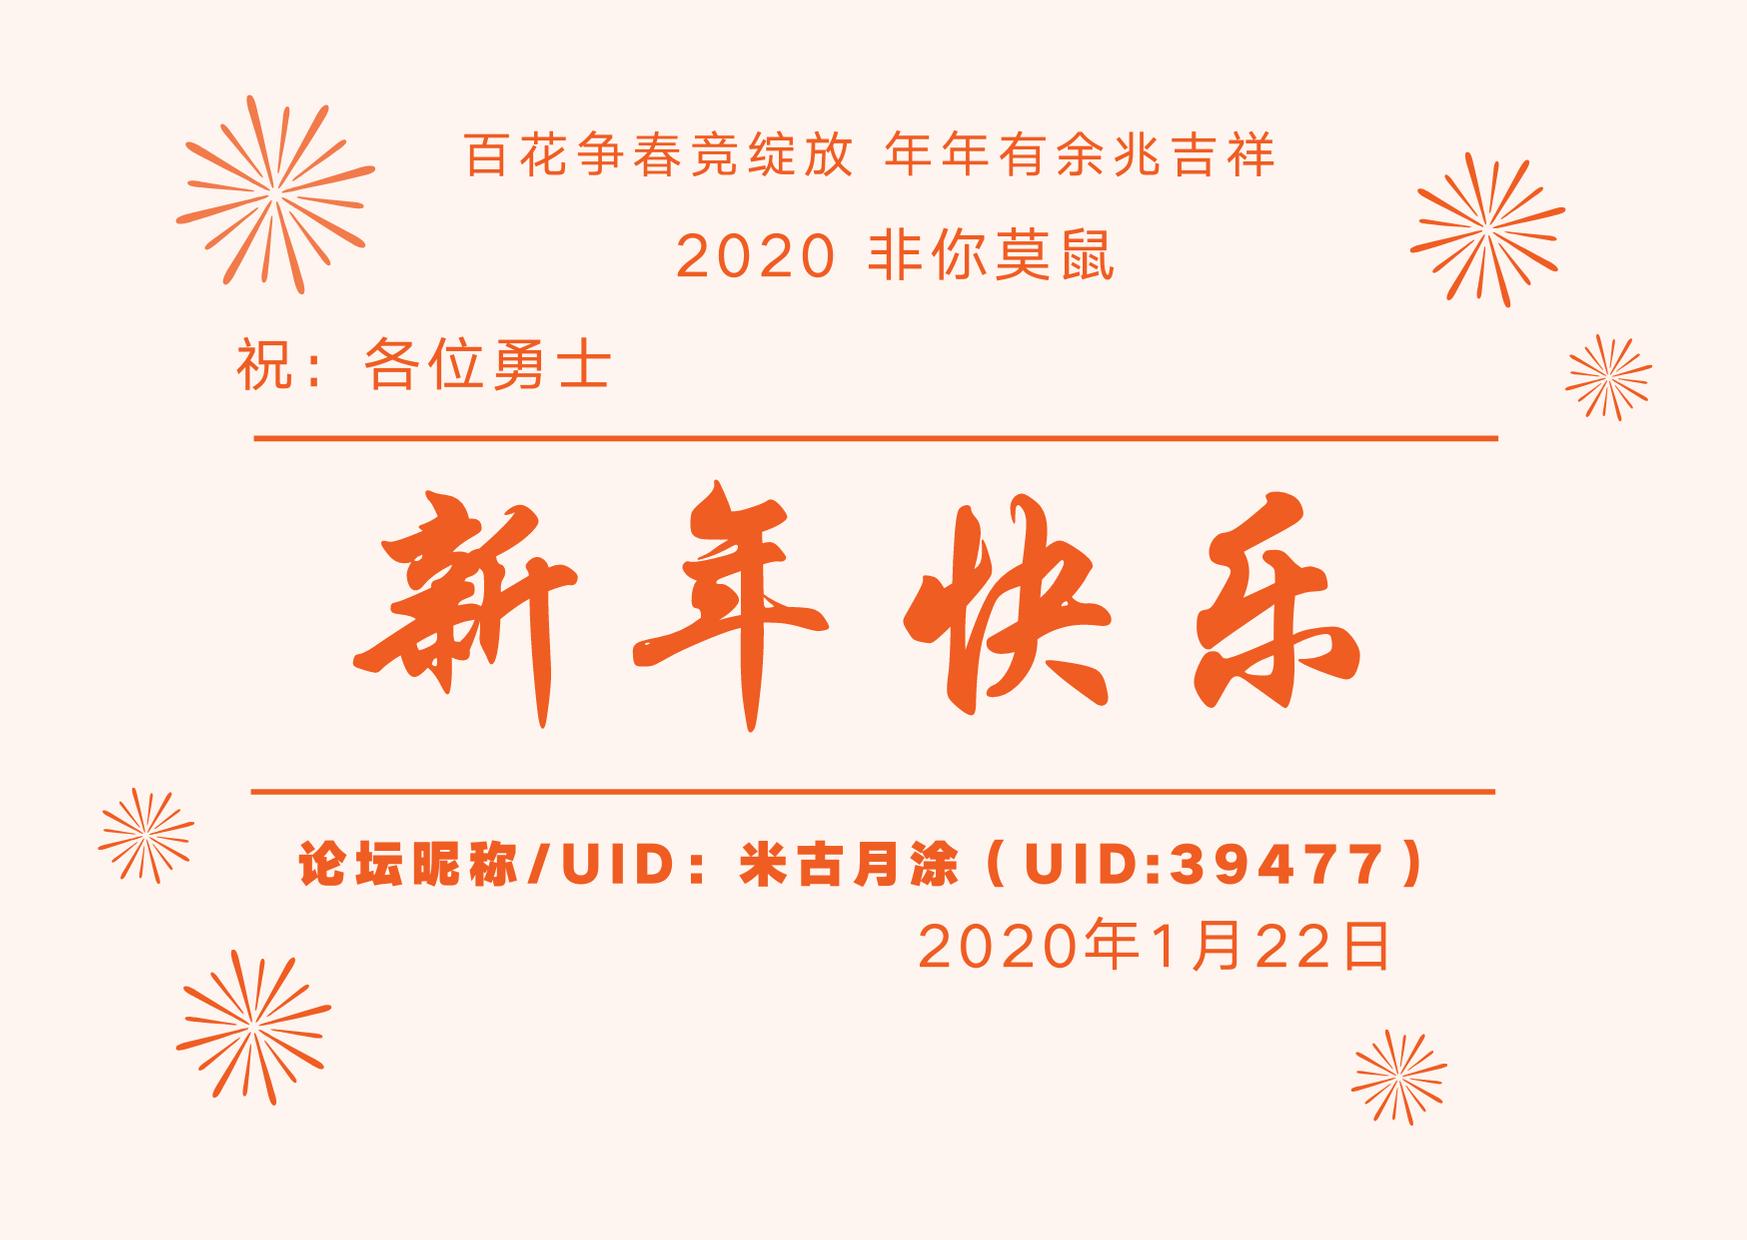 2020 非你莫鼠.png